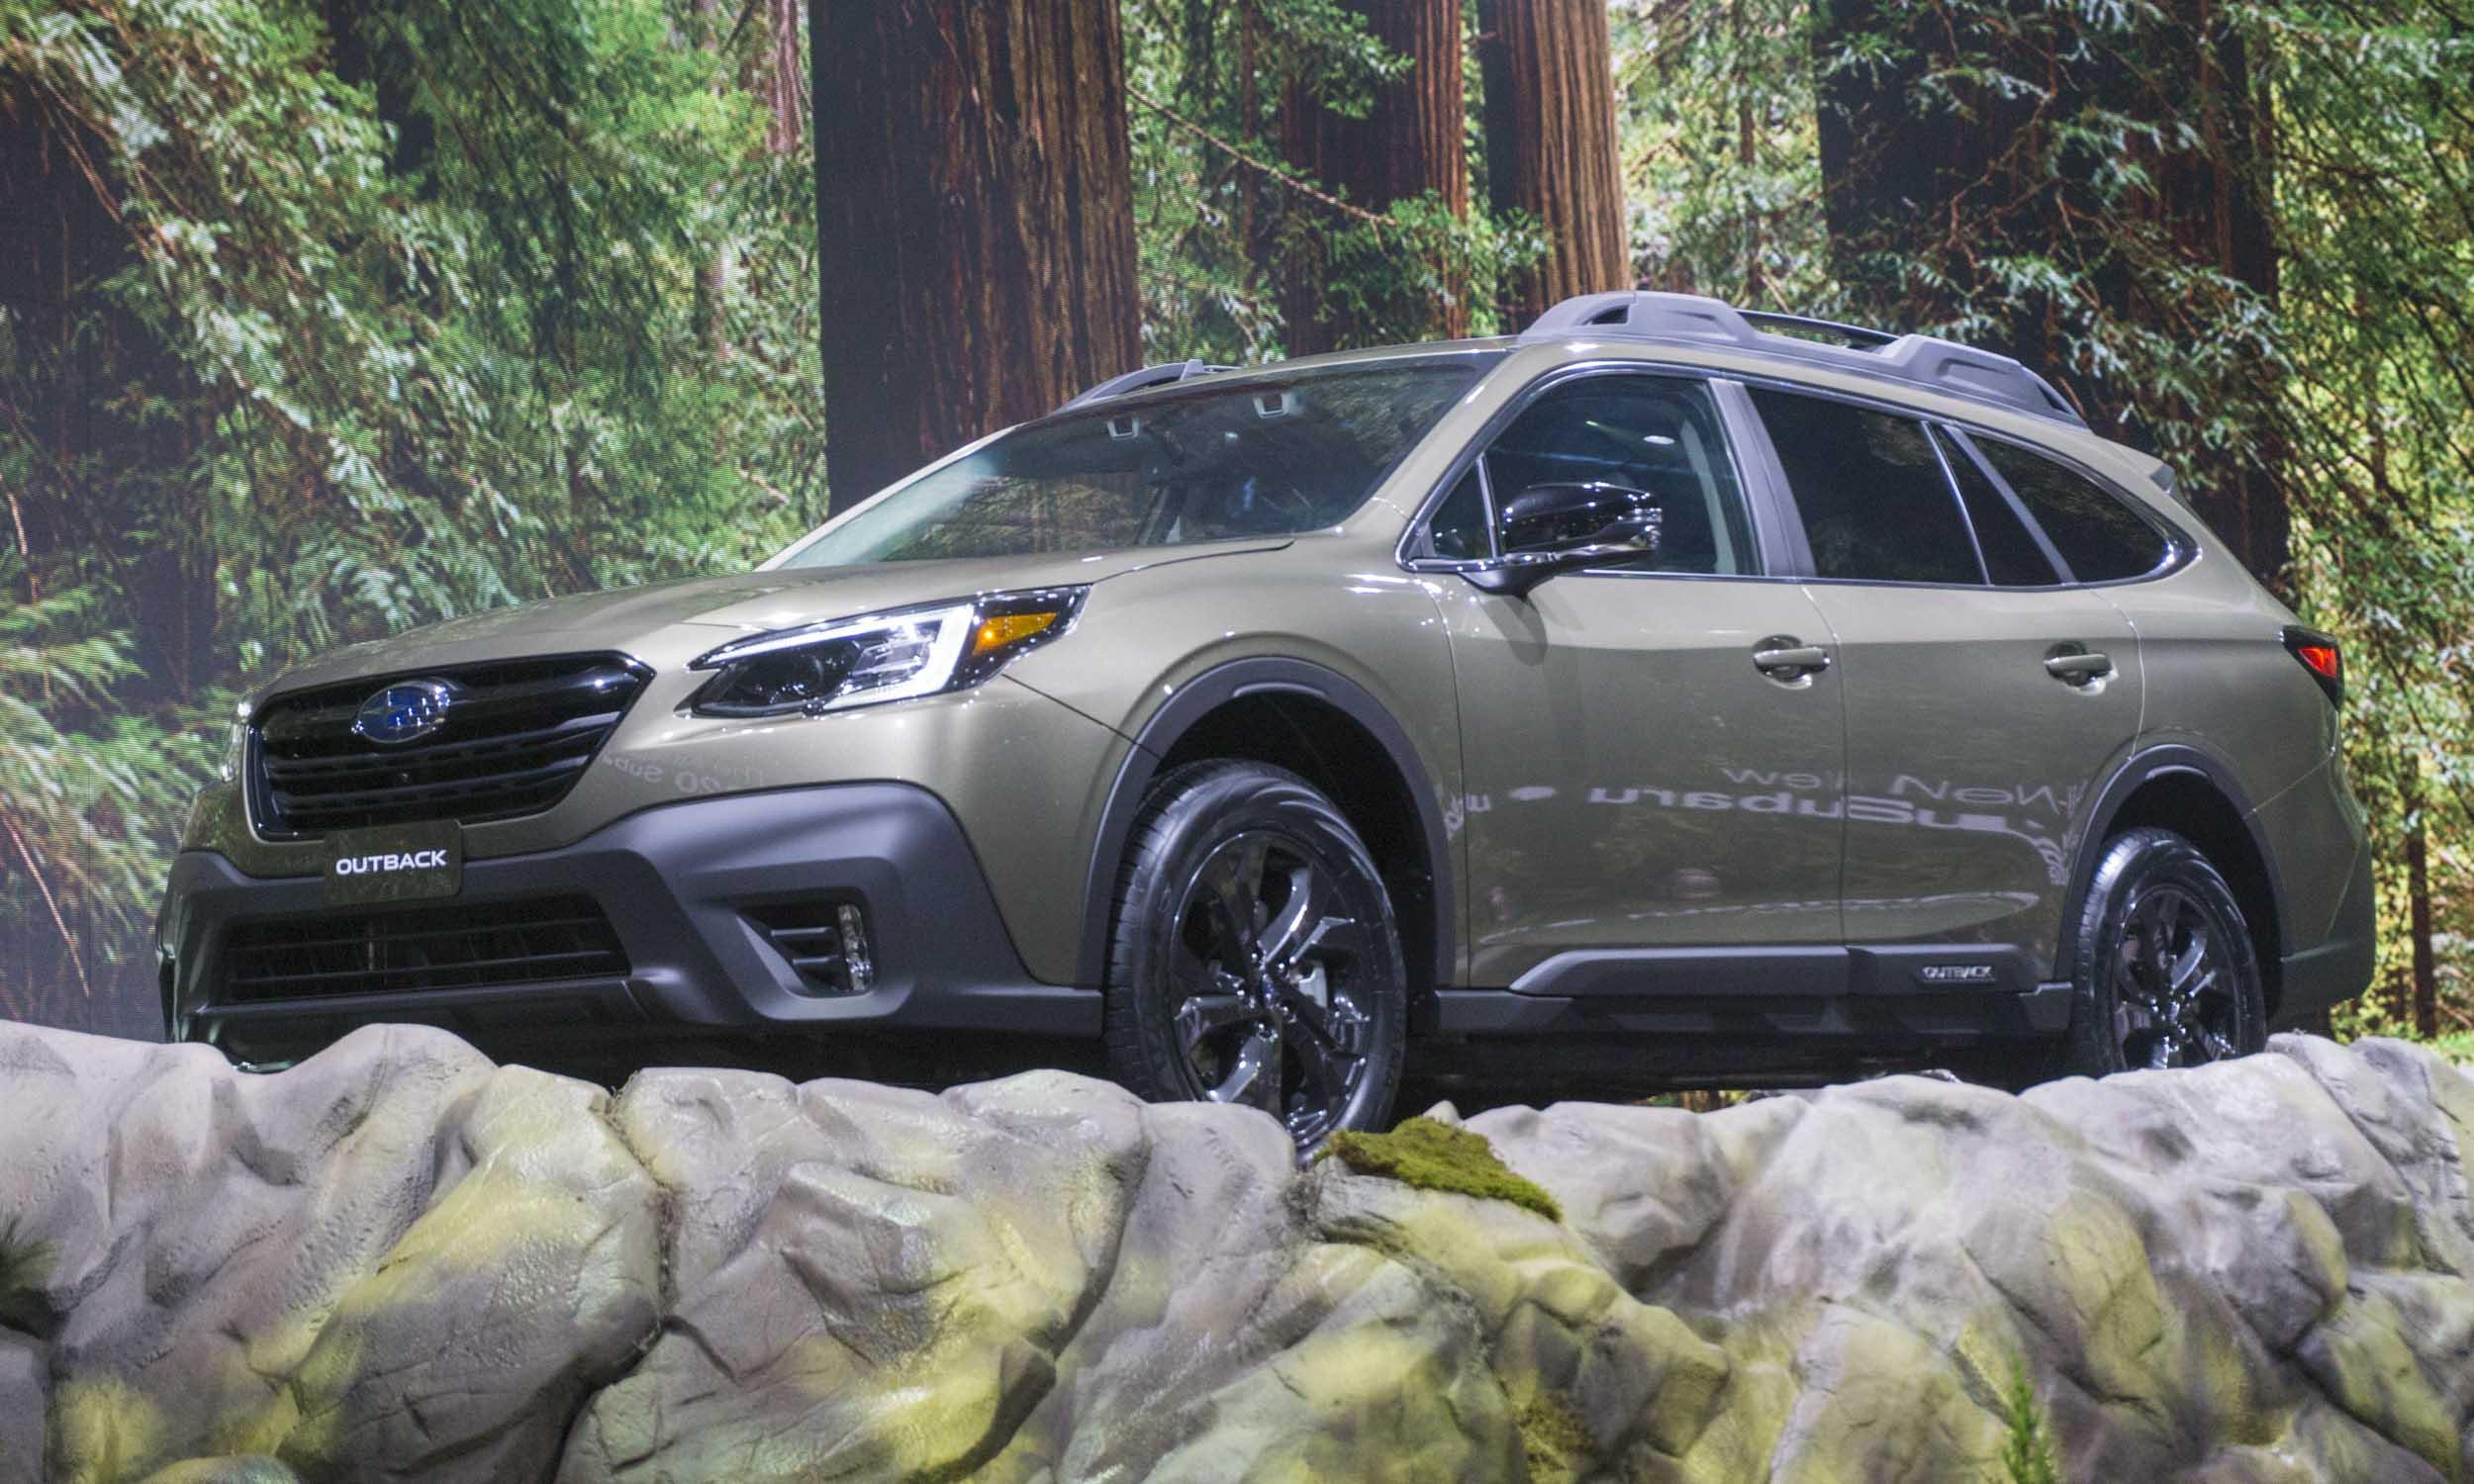 96 Great Subaru Vision 2020 History for Subaru Vision 2020